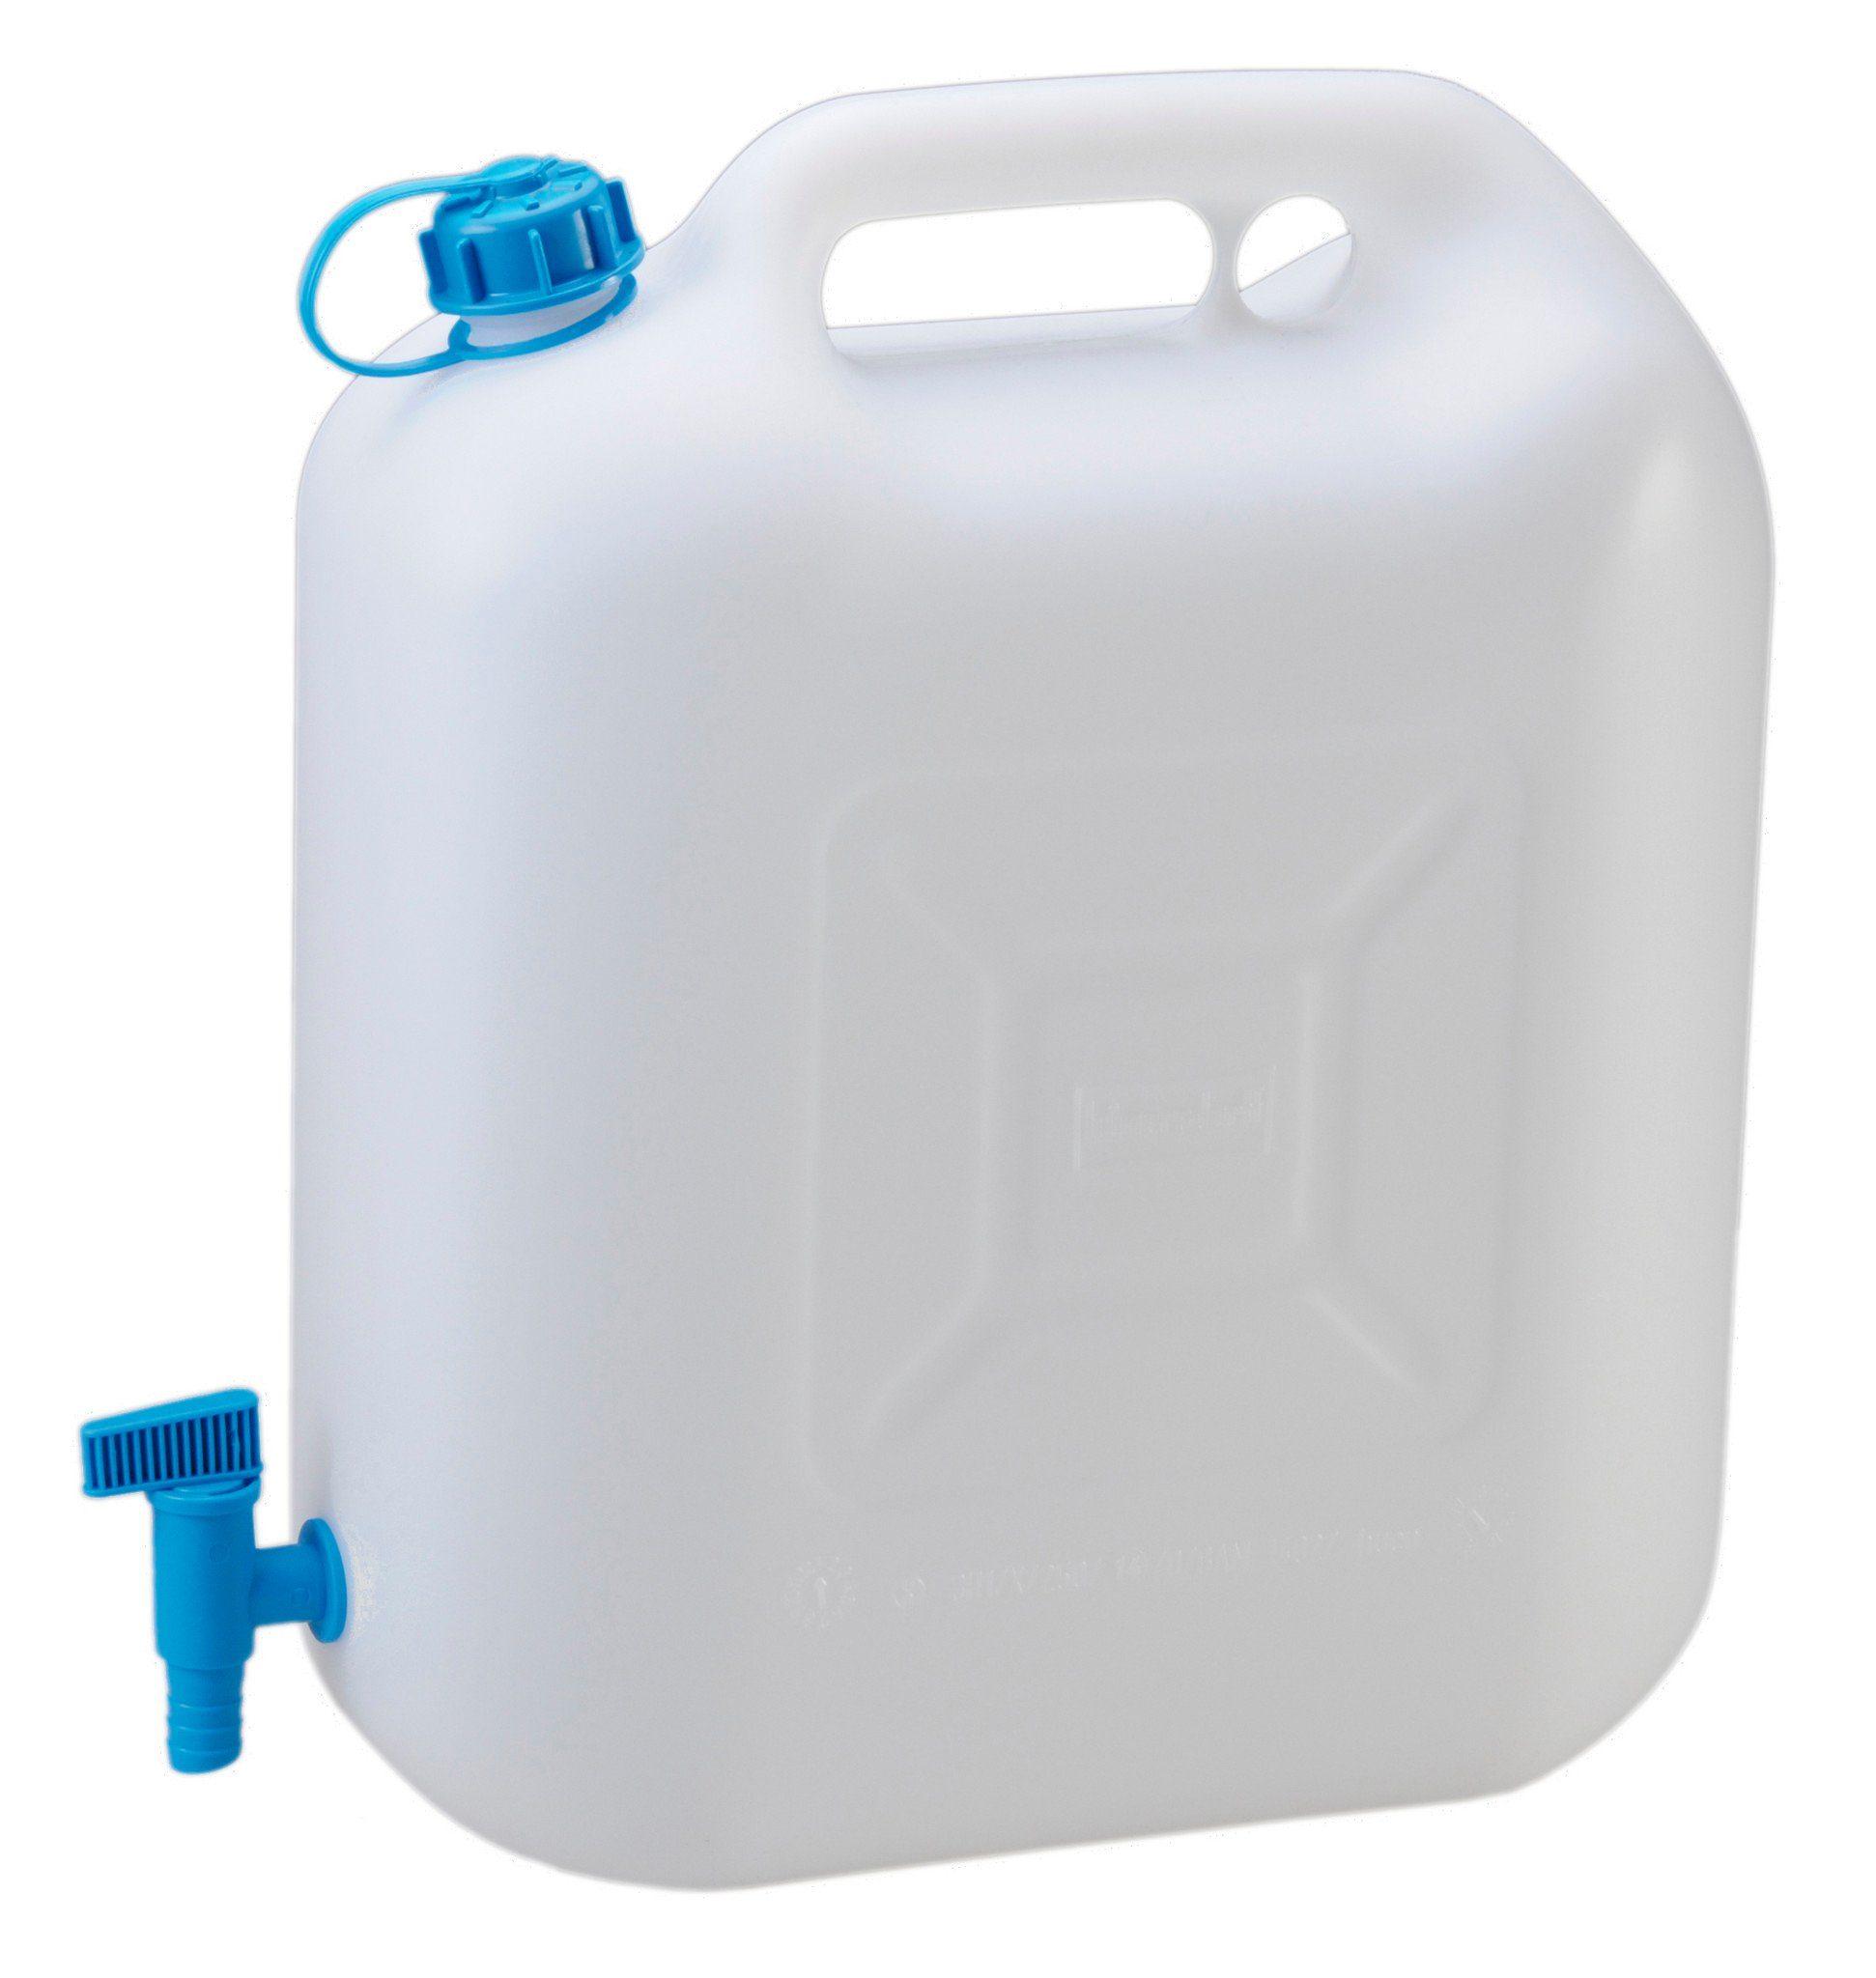 Hünersdorff Wasserkanister »Hünersdorff Eco Wasserkanister 22l«